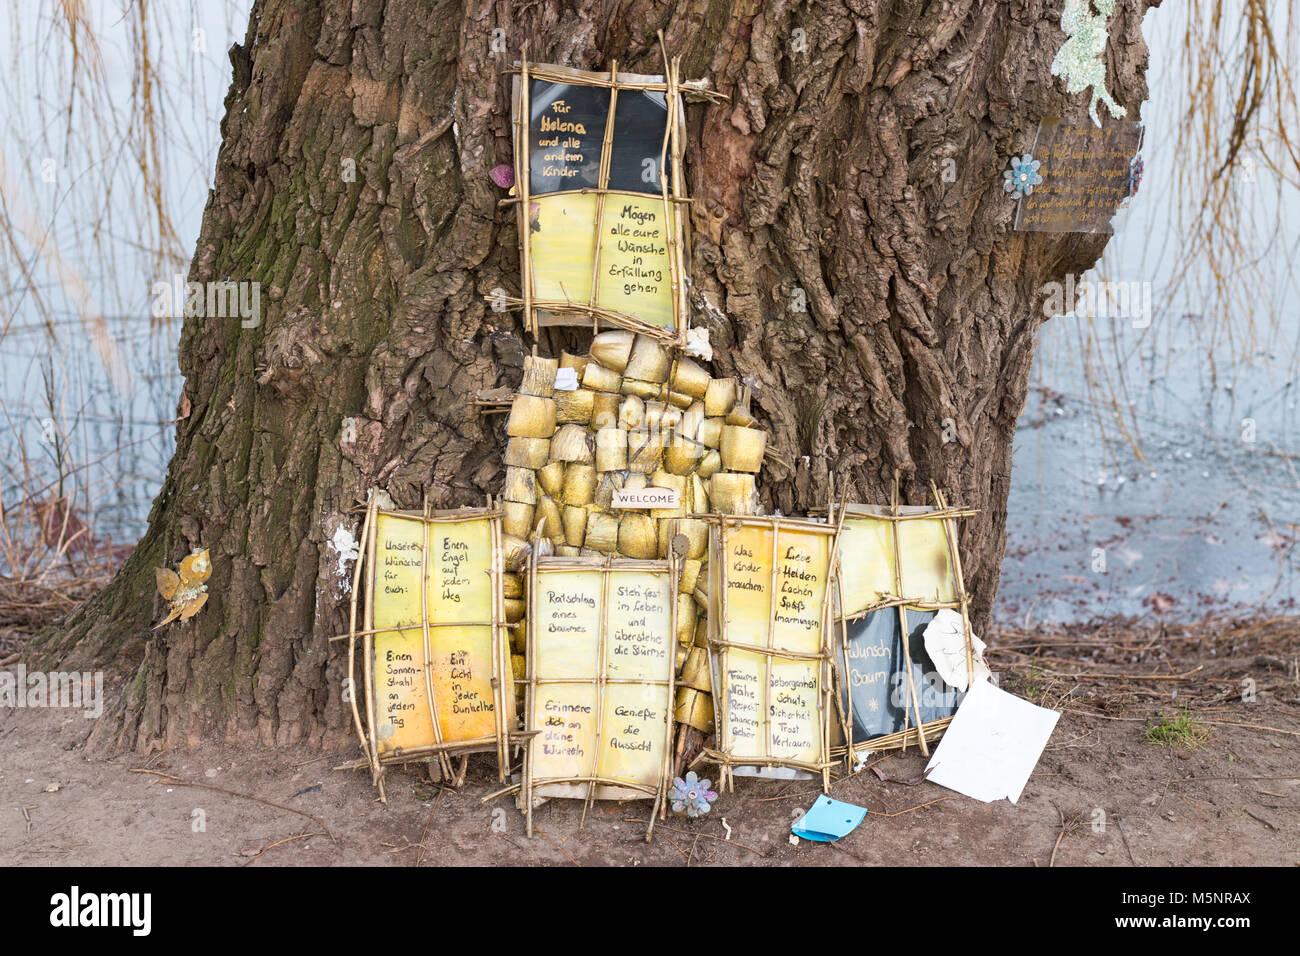 Magdeburg, Allemagne - Février 25,2018: un vieux saule est un arbre des désirs dans le parc de la ville de Magdeburg. Banque D'Images